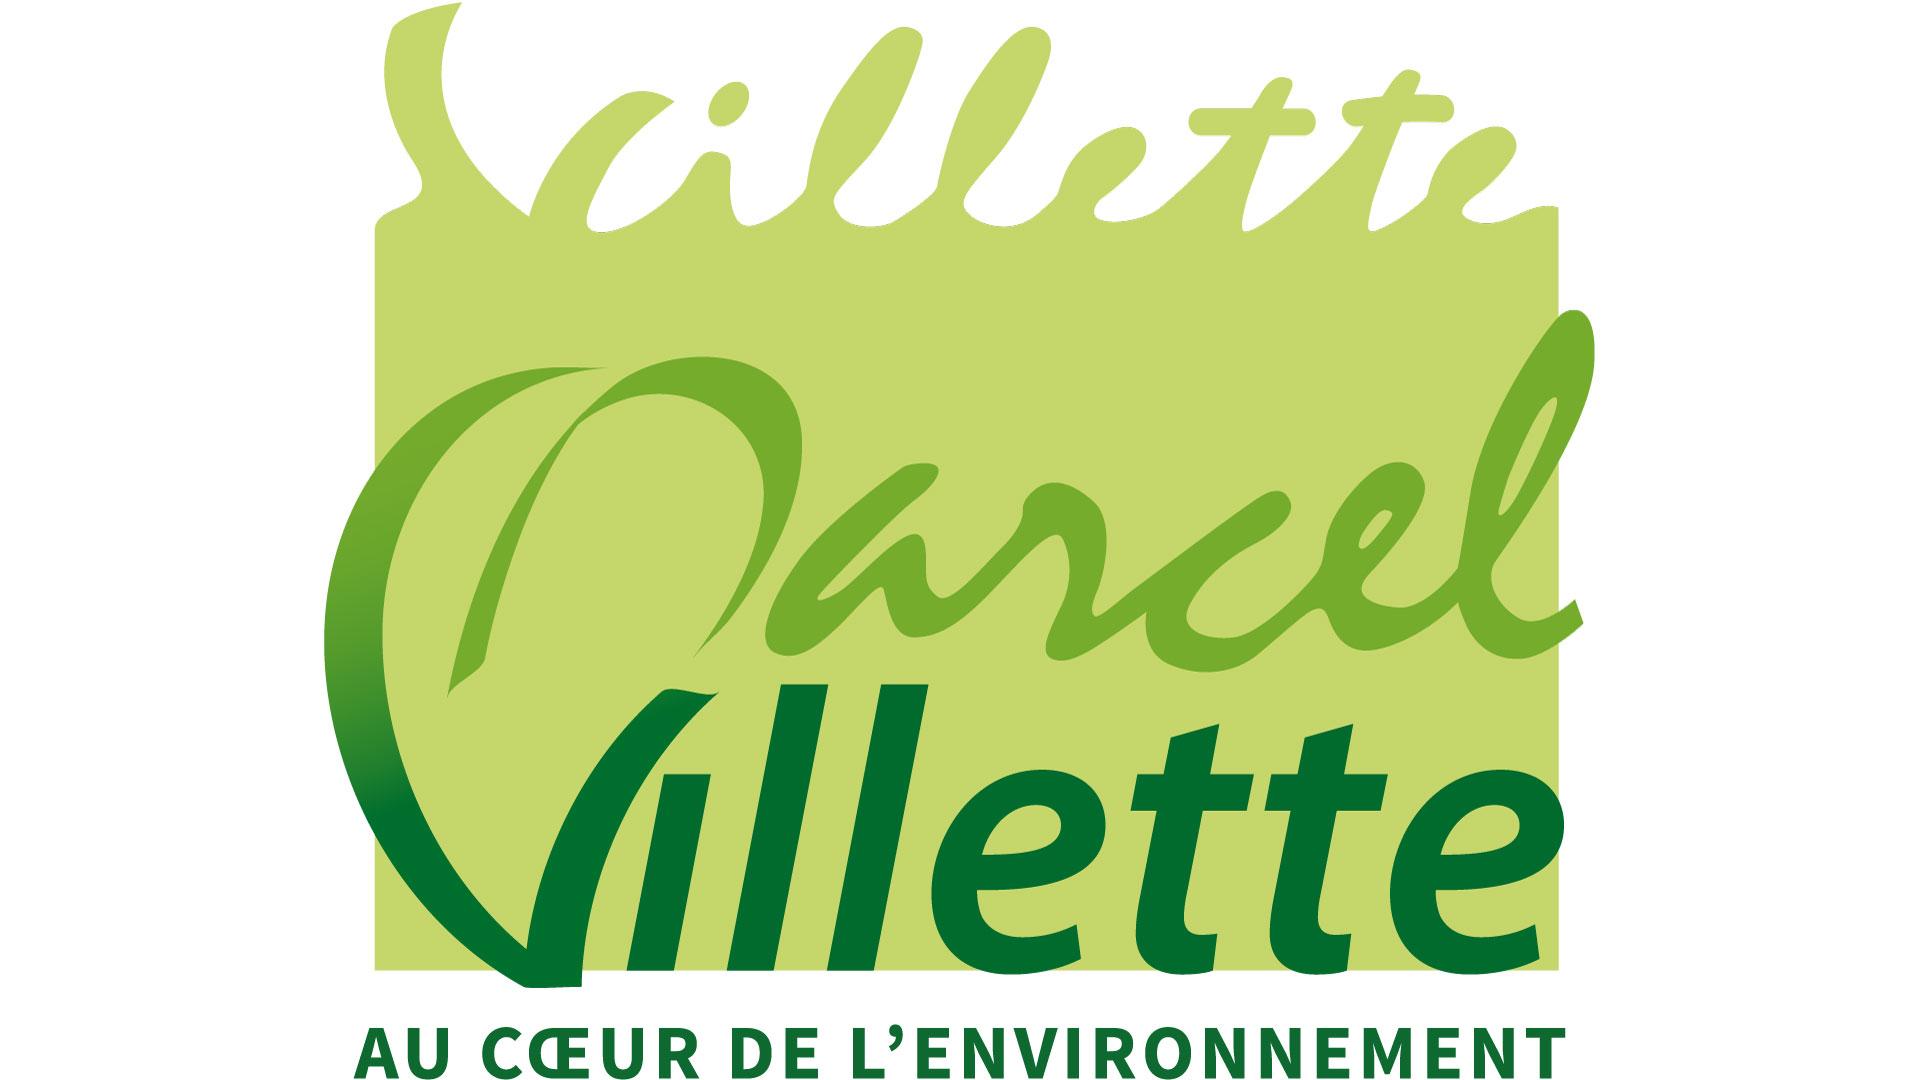 MARCEL VILLETTE